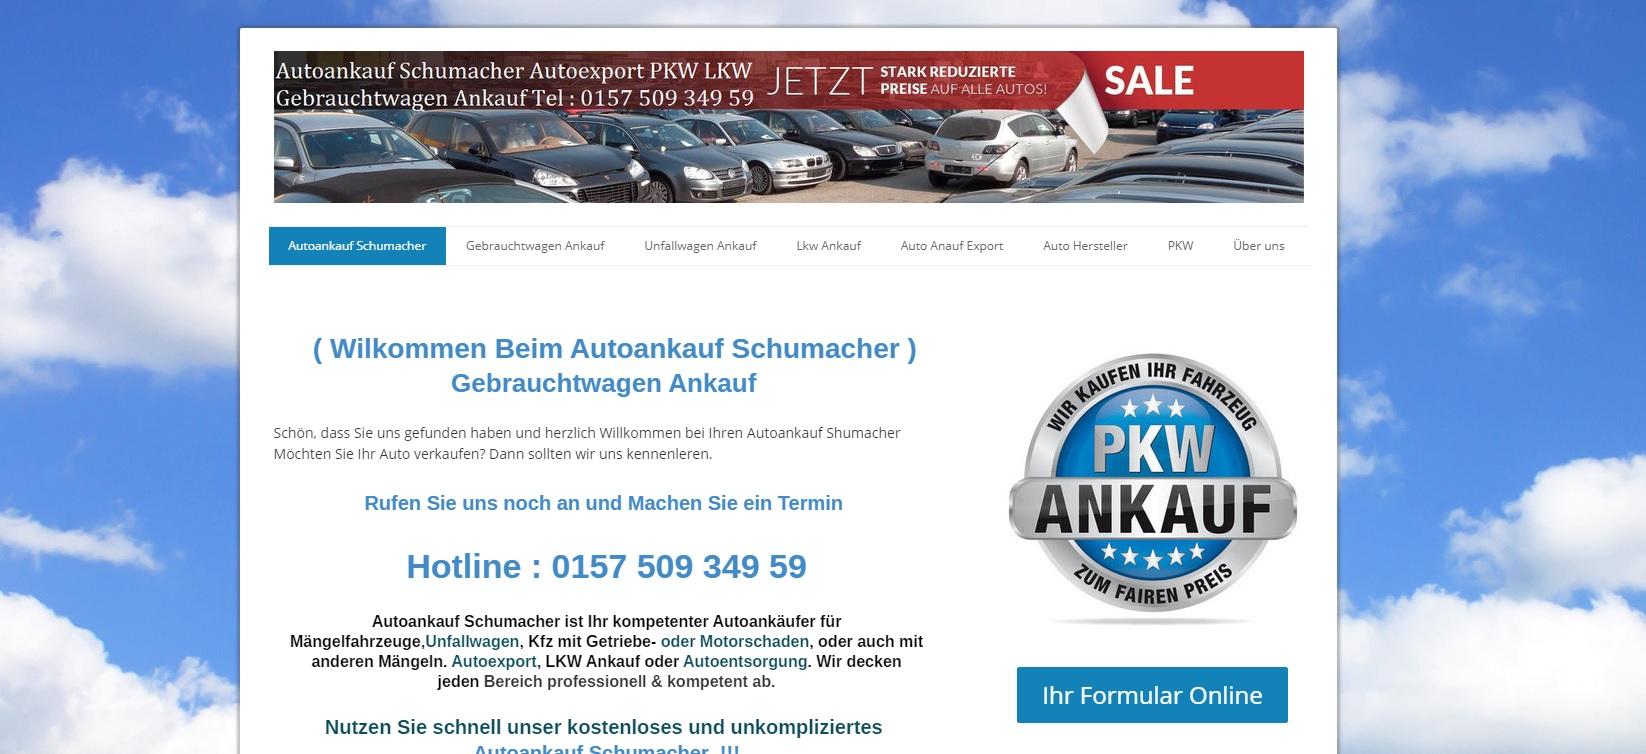 autoankauf-schumacher.de - Autoankauf Gießen